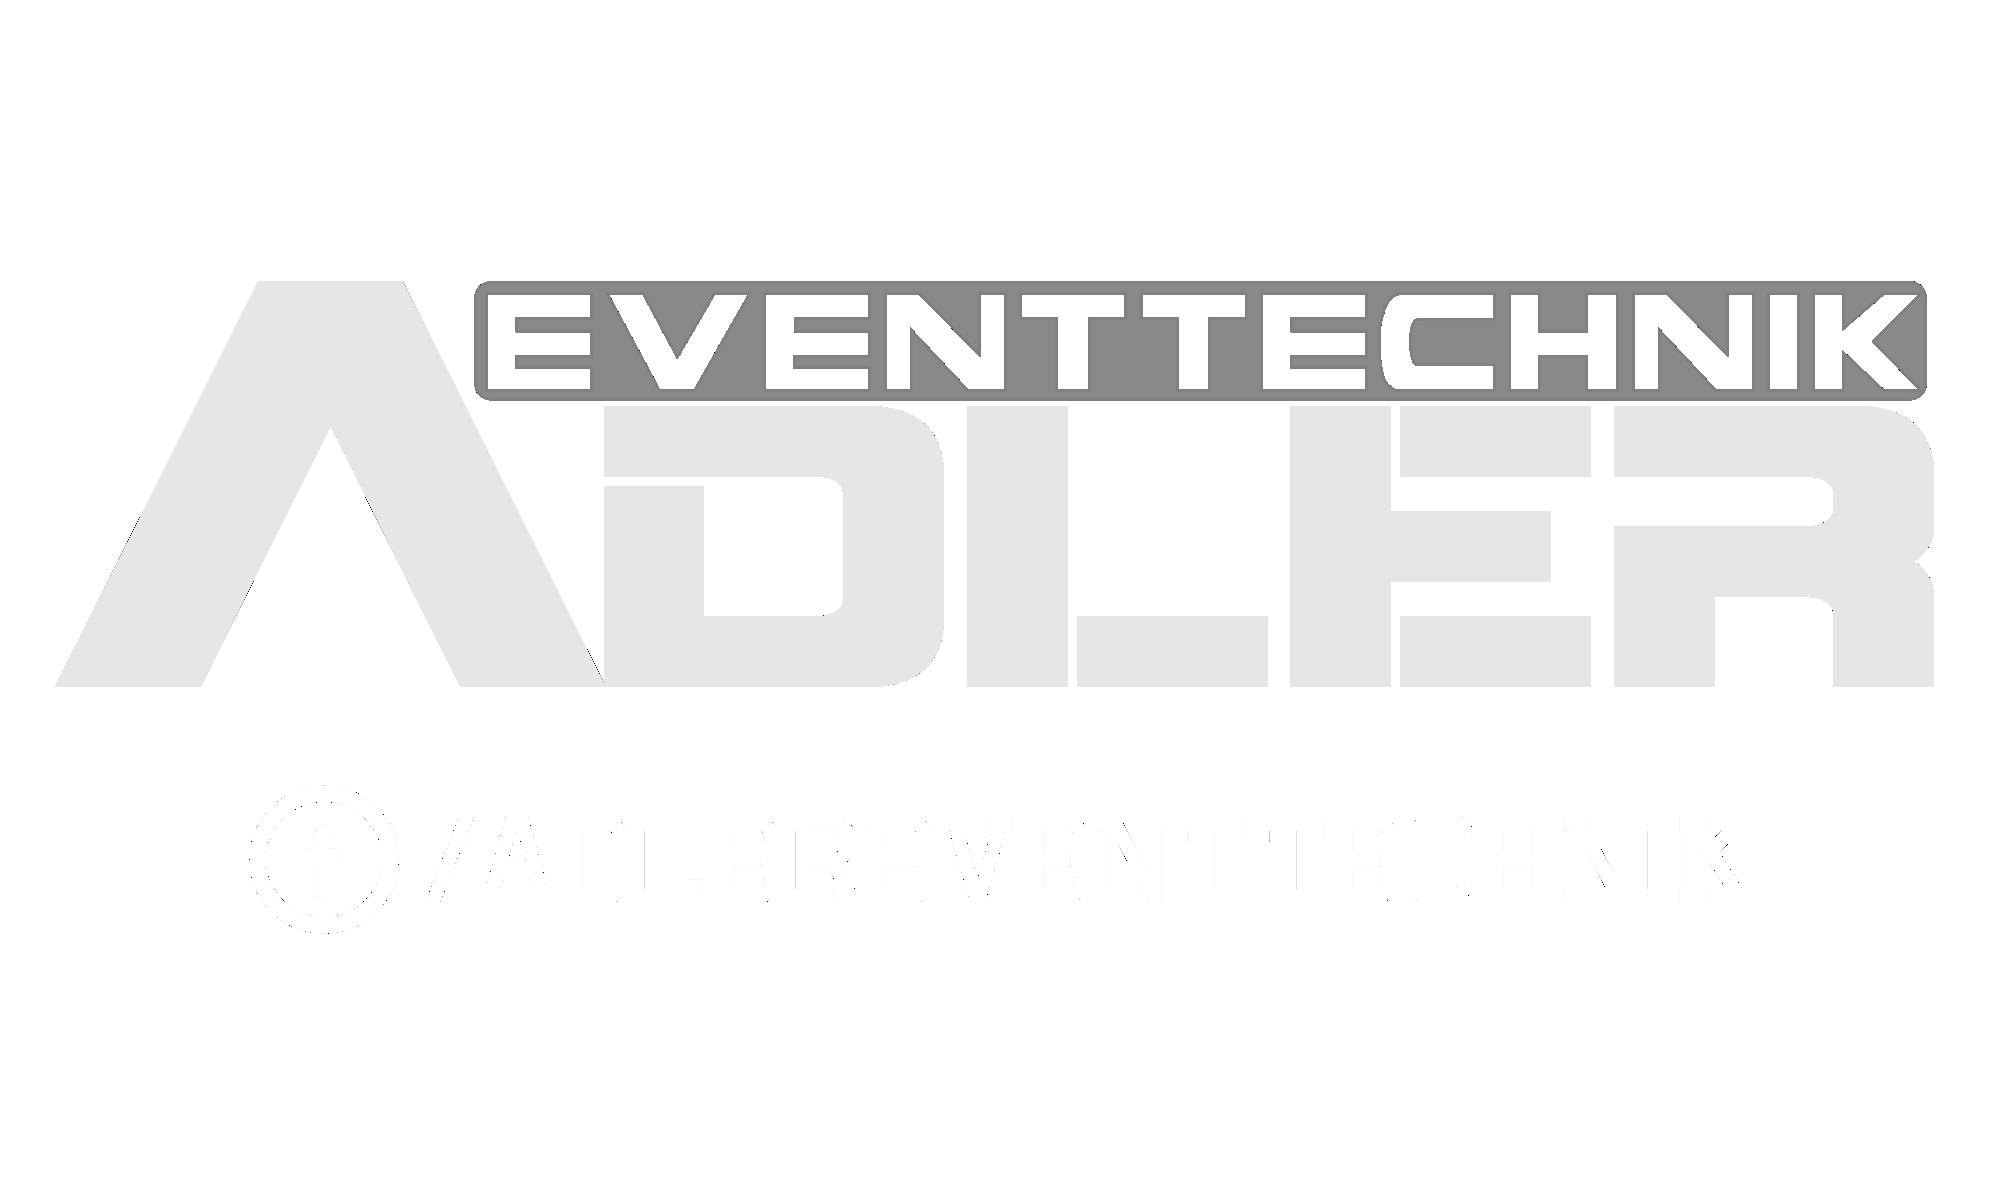 Adler Eventtechnik